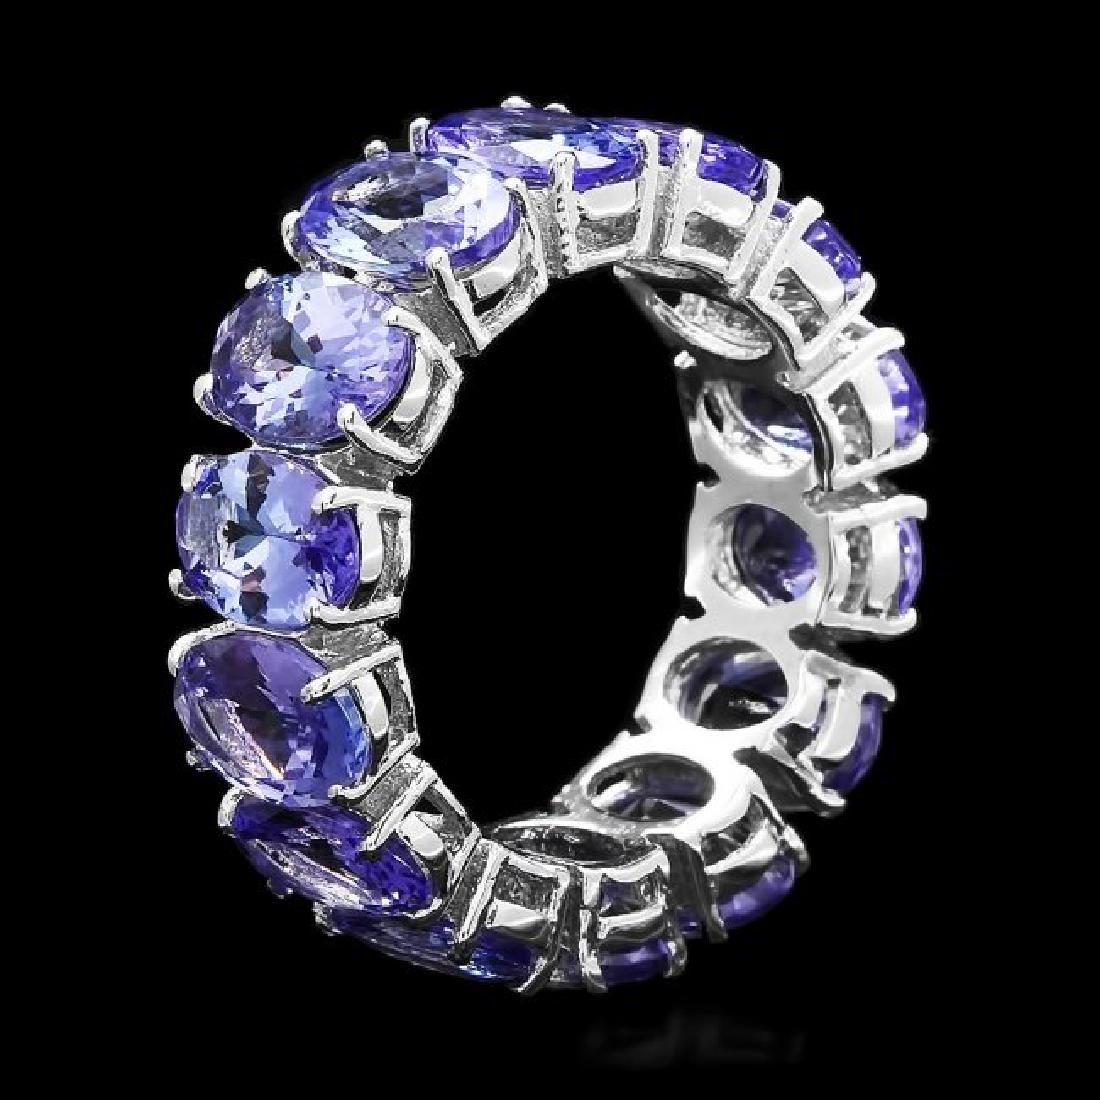 14k White Gold 10.50ct Tanzanite Ring